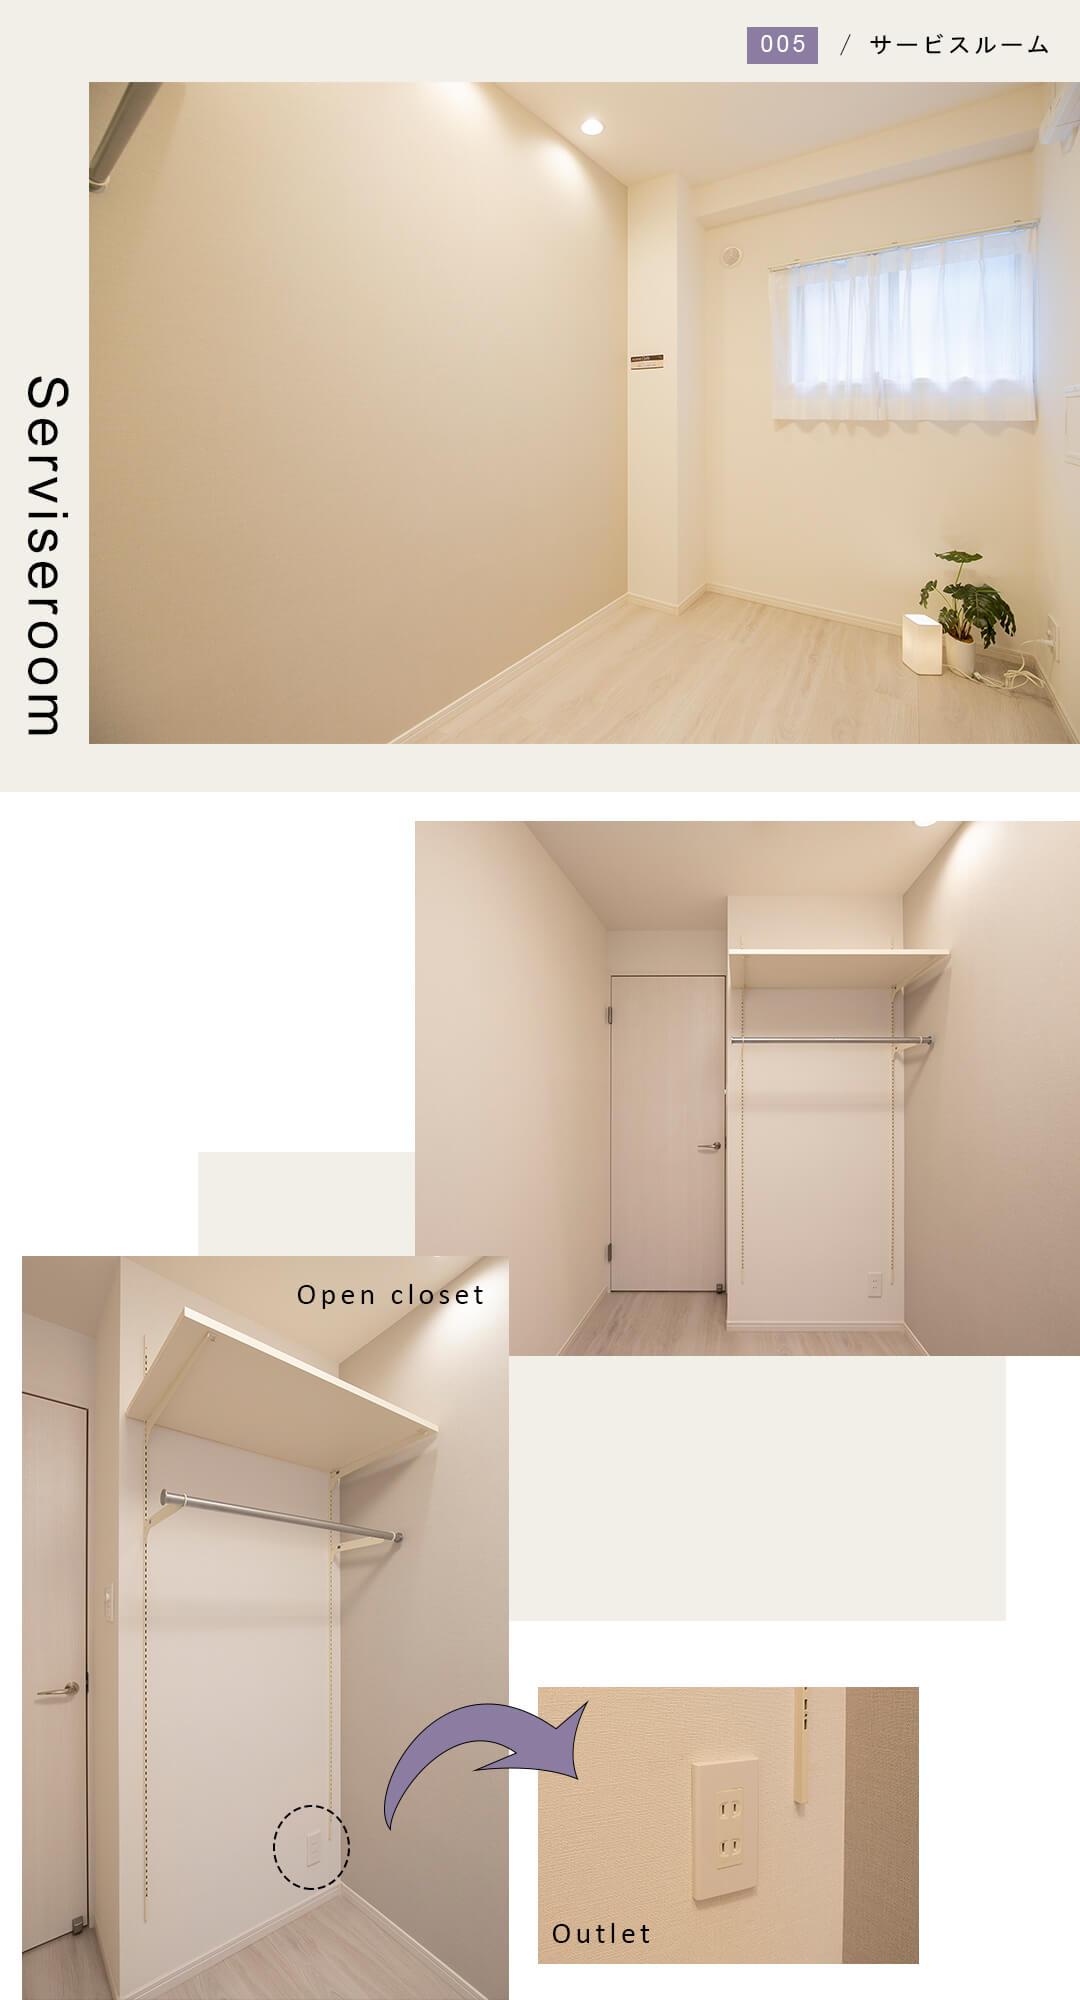 四谷軒第5経堂シティコーポのサービスルーム